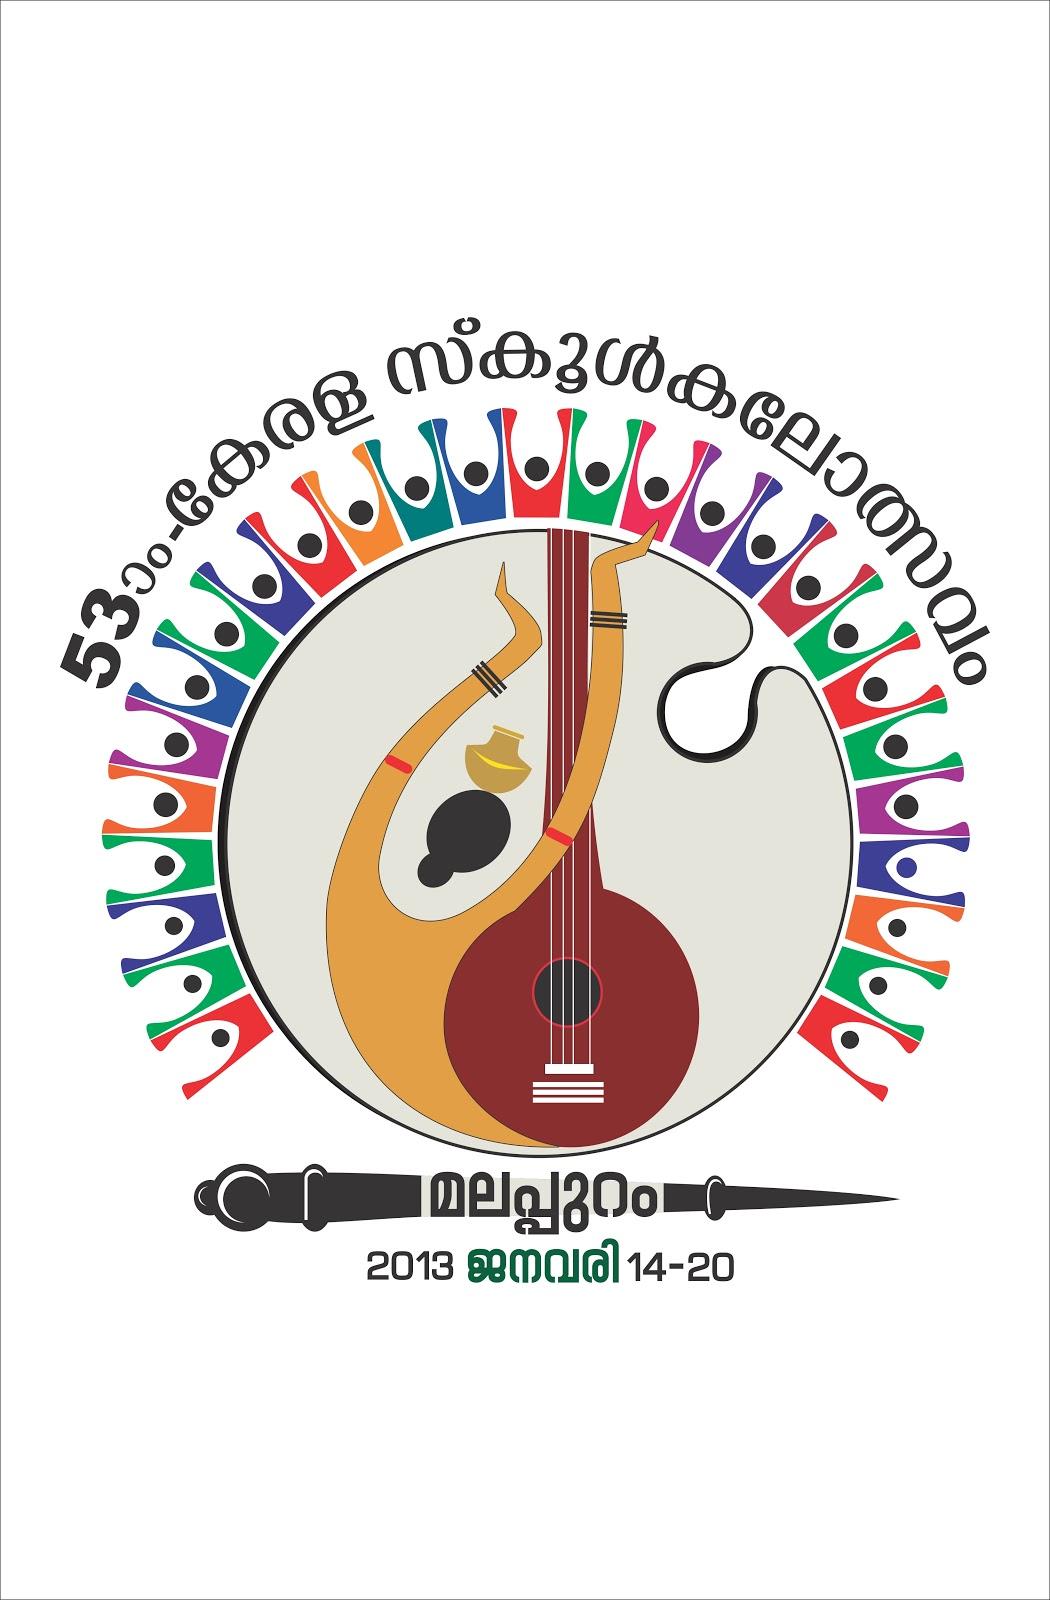 Kerala School Kalolsavam 2015